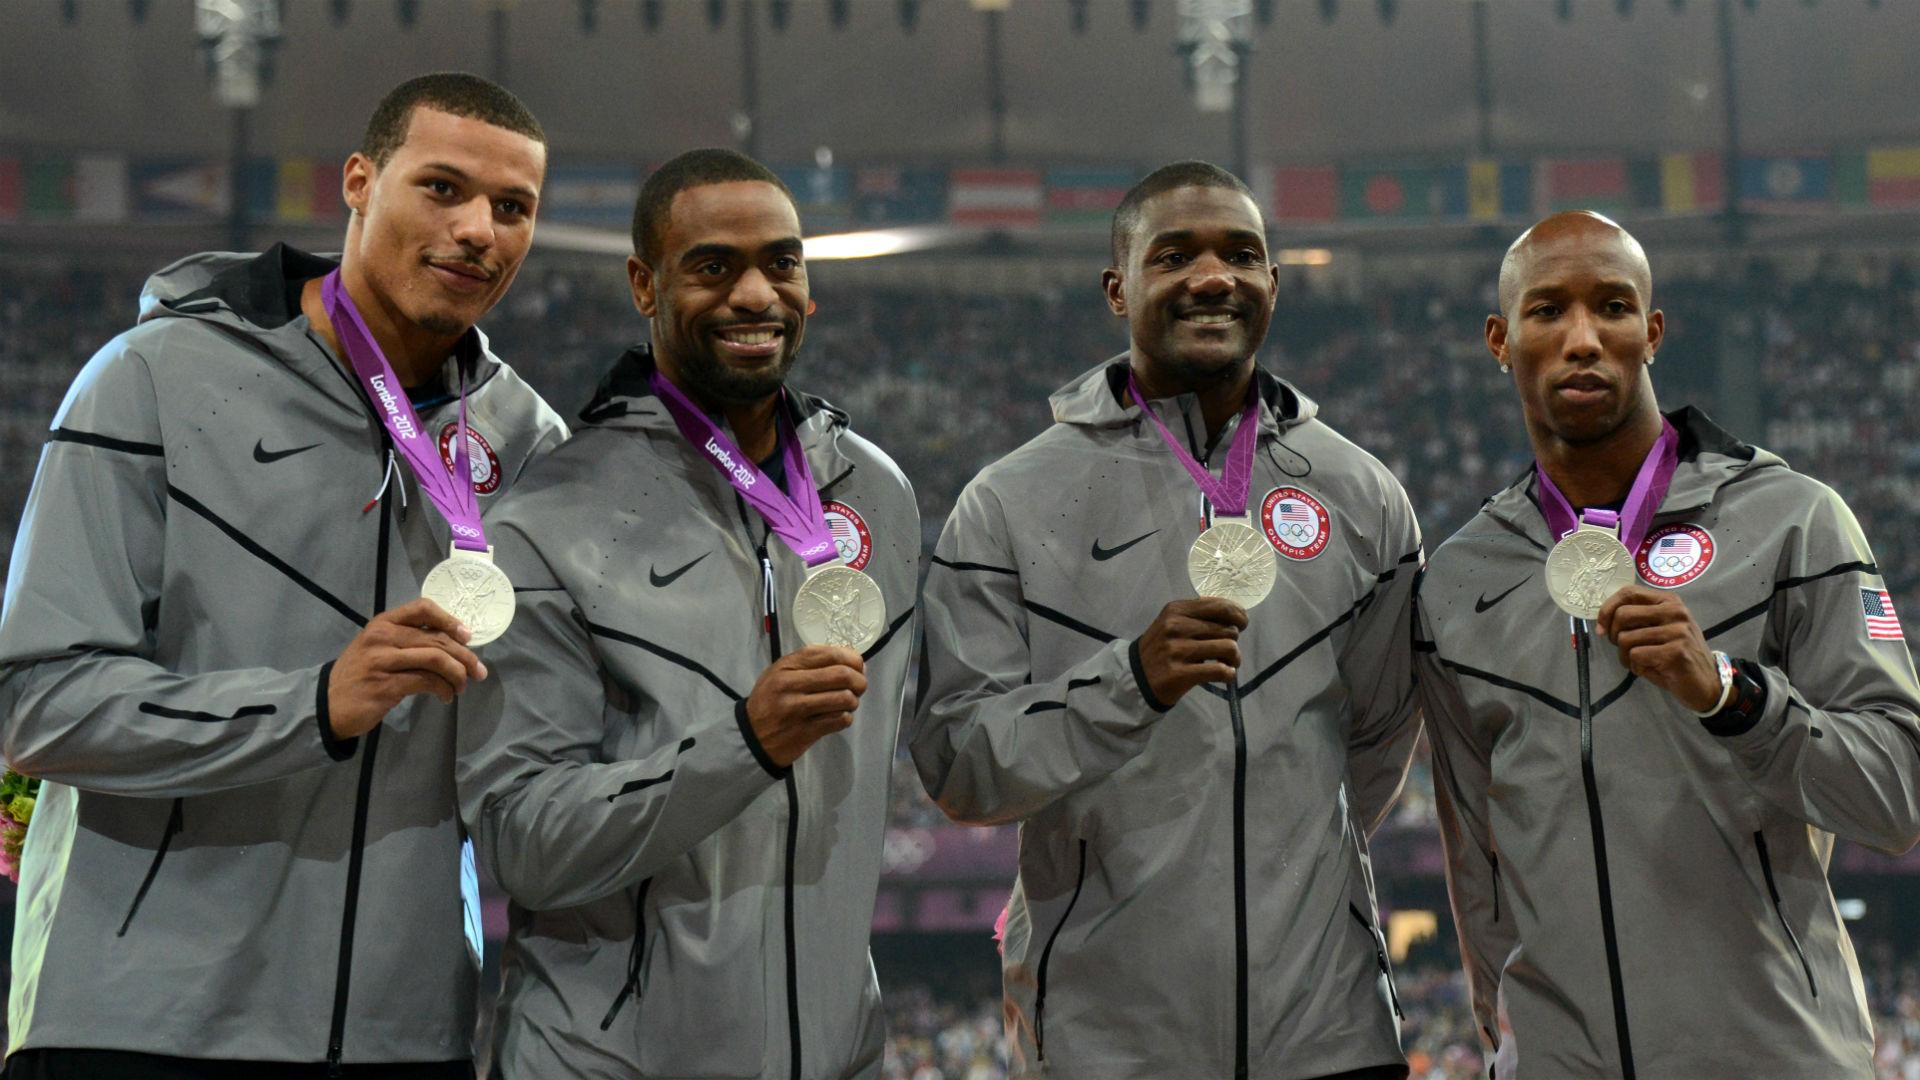 gay-tyson-us-relay-team-051315-usnews-getty-ftr